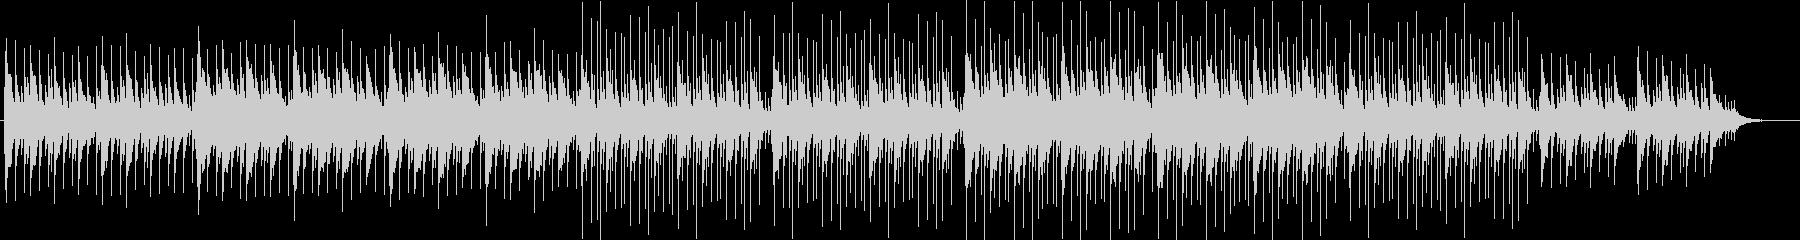 【リズム無し】企業VP・CMピアノ…の未再生の波形